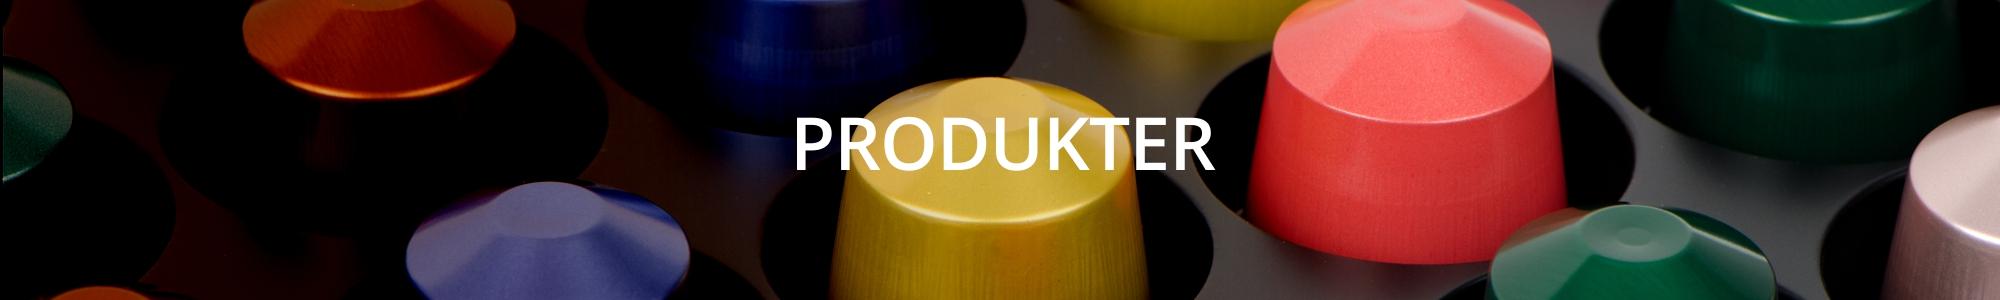 HEADER_PRODUKTER_FactaService